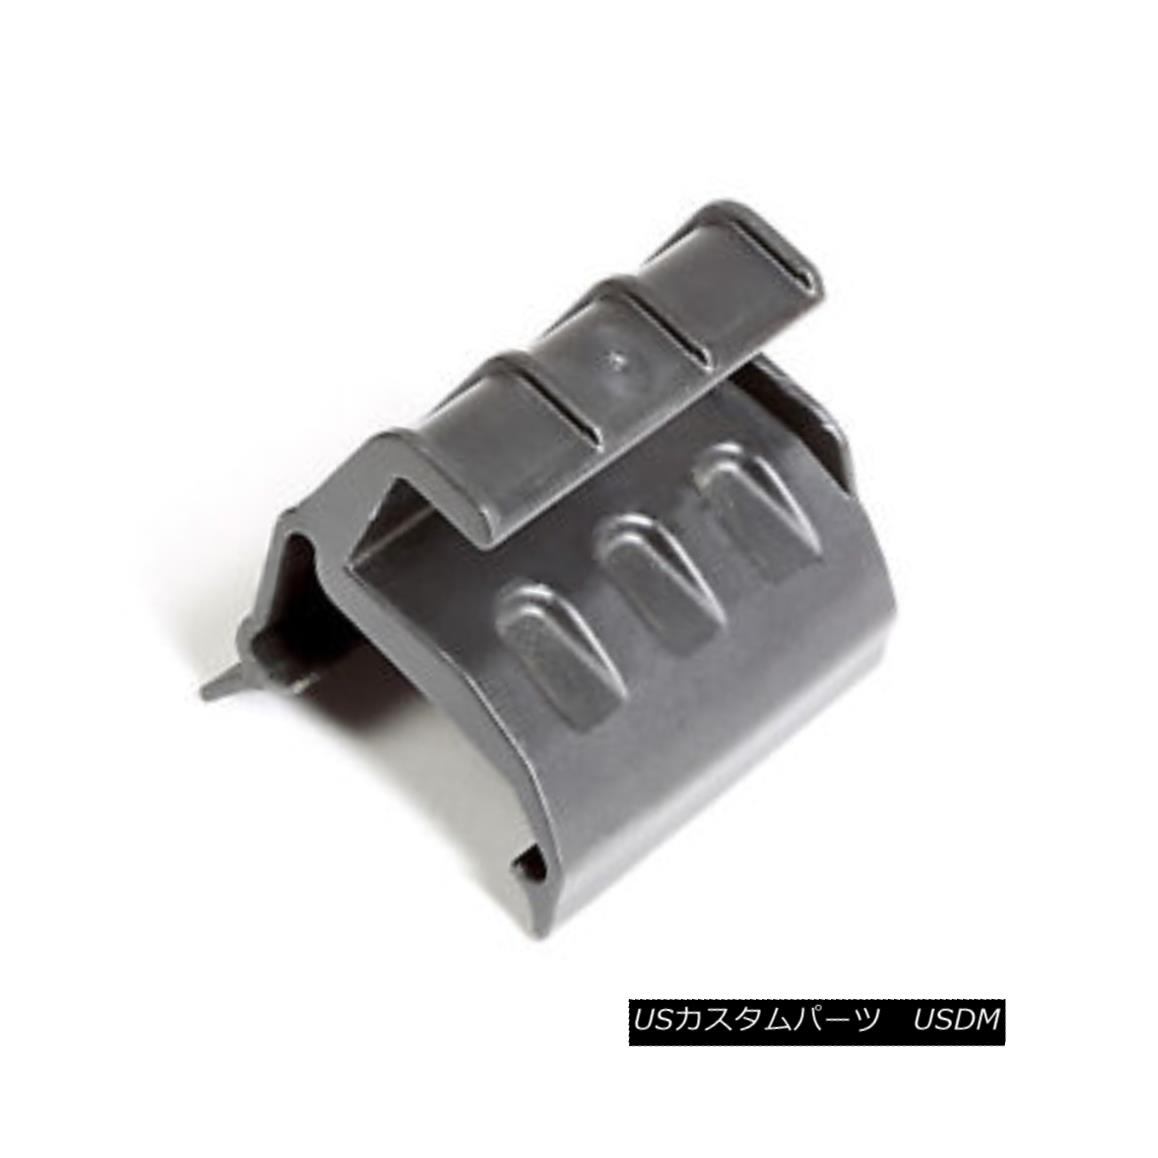 幌・ソフトトップ Soft Top Retainer Bracket, Rear, Right; 07-18 Jeep Wrangler JK ソフトトップリテーナブラケット、リア、右; 07-18ジープラングラーJK